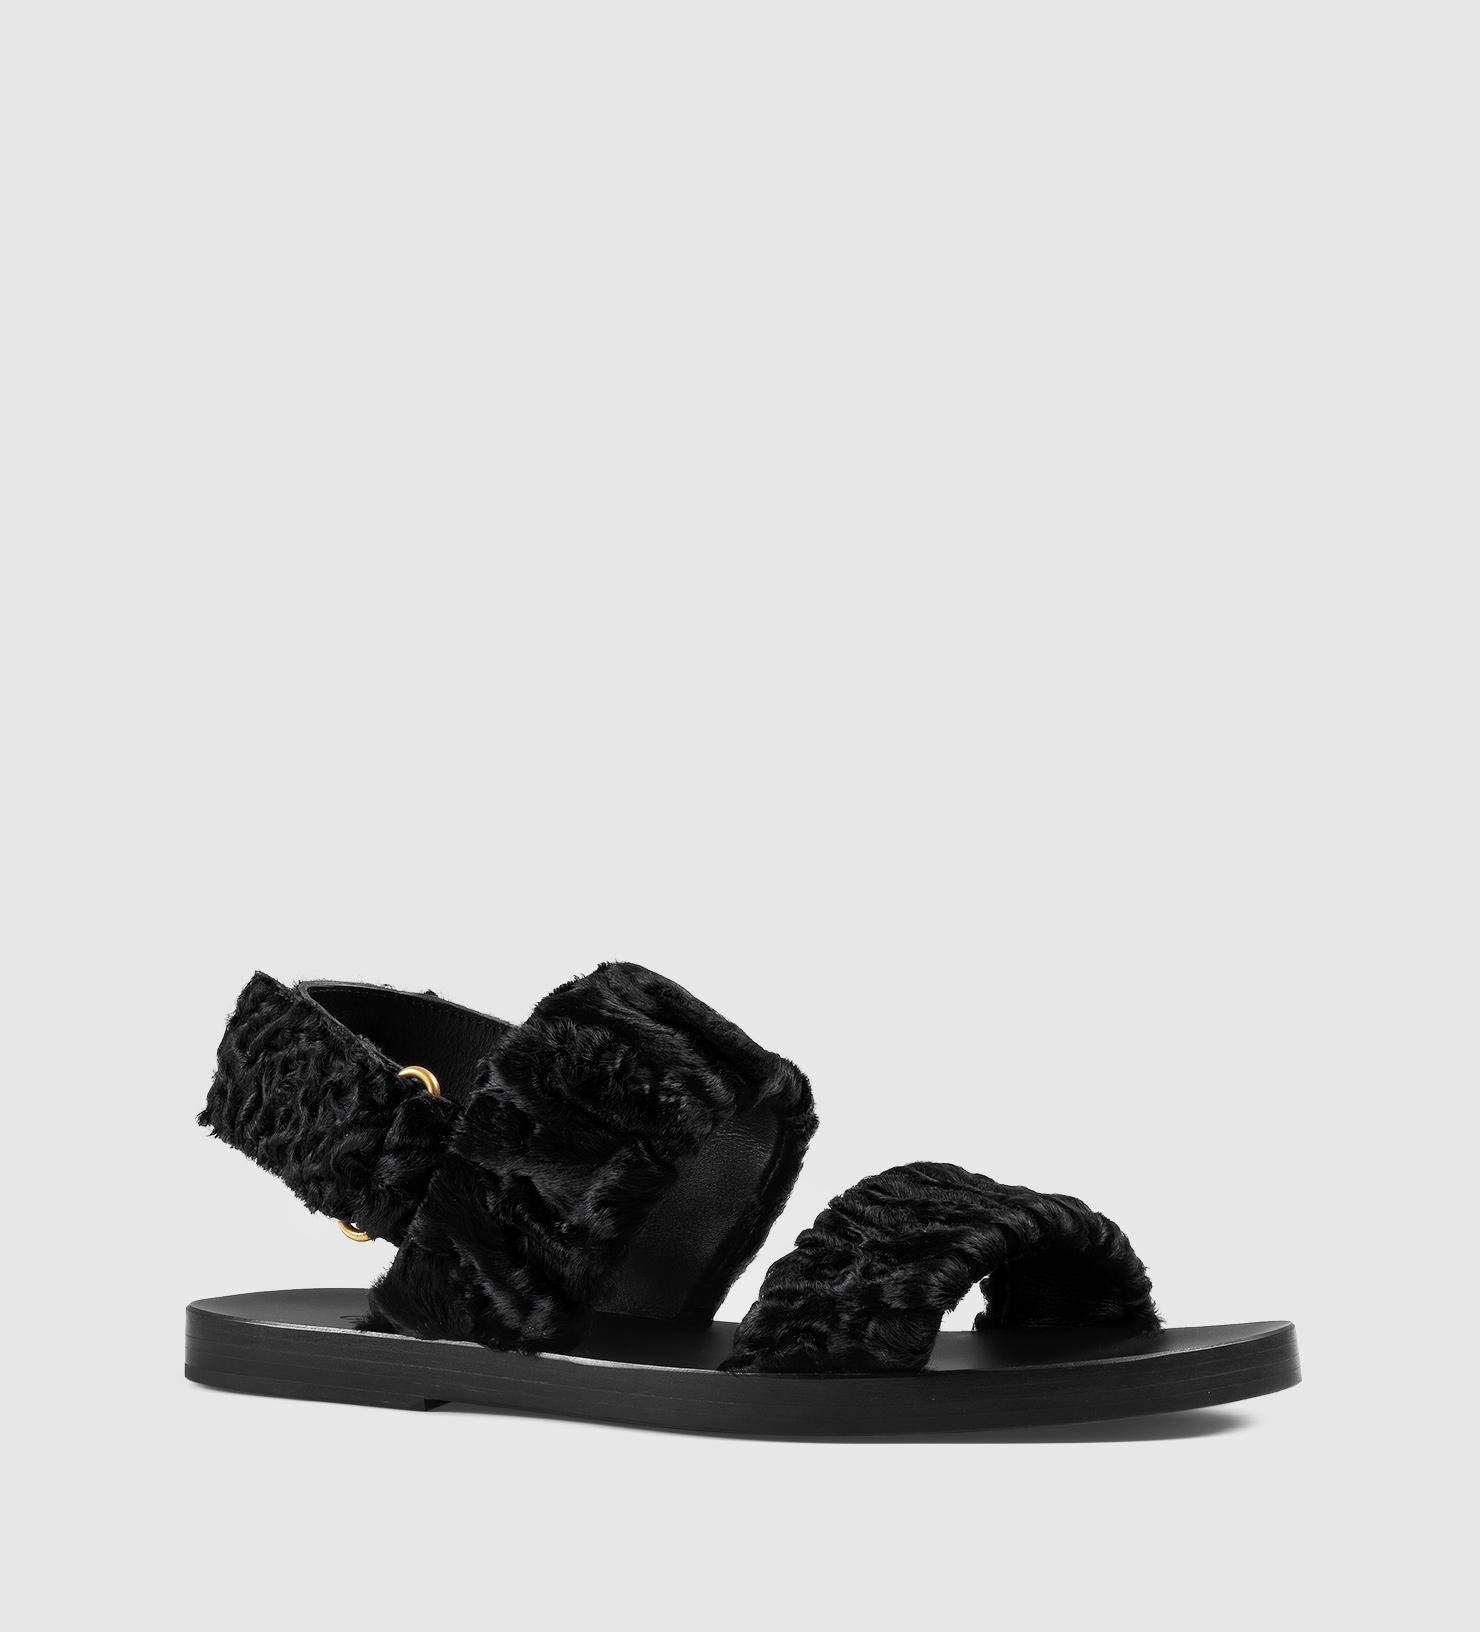 113f6b8ff Lyst - Gucci Lamb Sandal in Black for Men